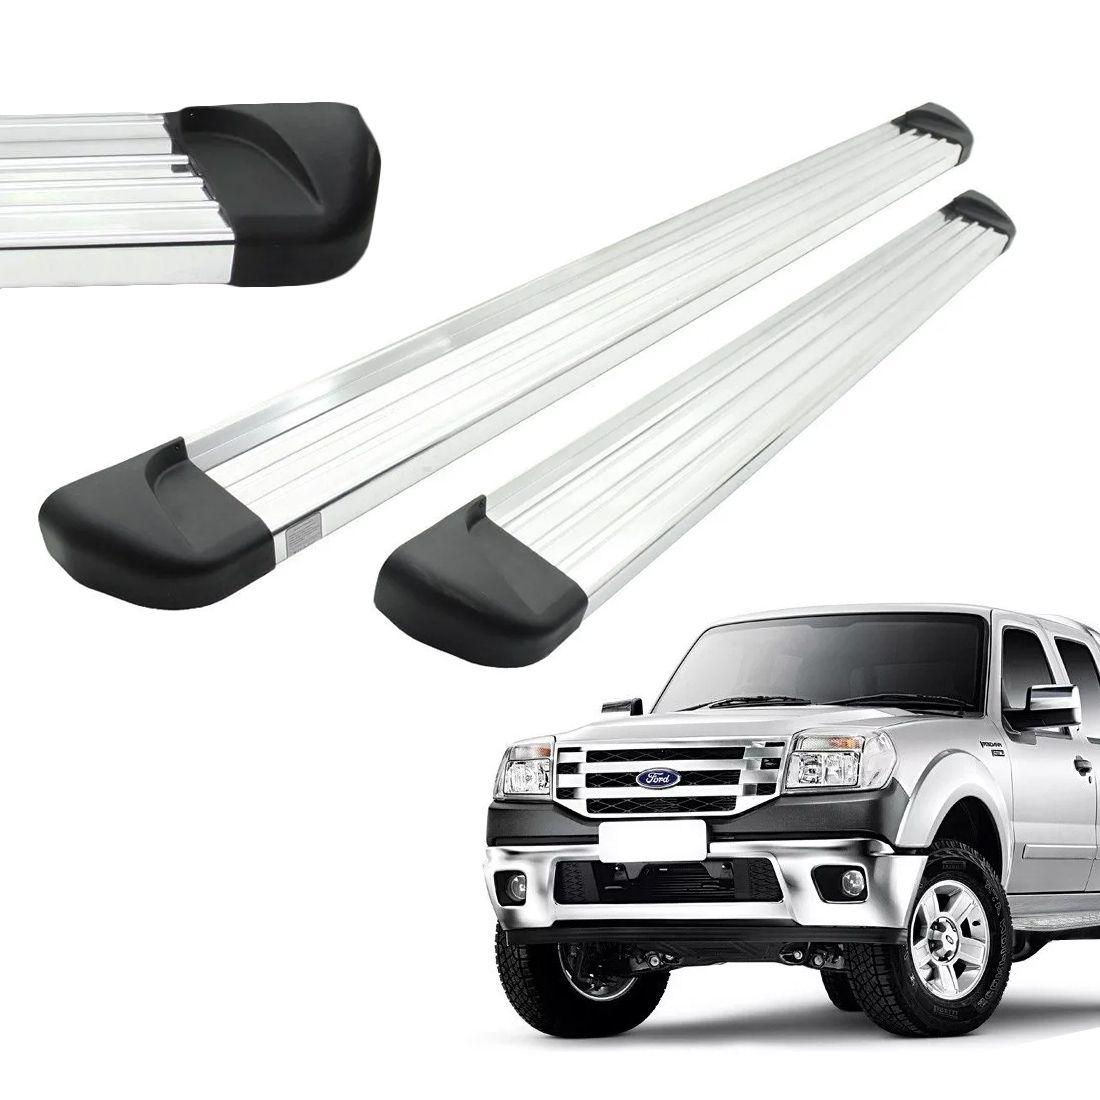 Estribo Aluminio Polido Cabine Dupla Ranger 98 a 2010 2011 2012